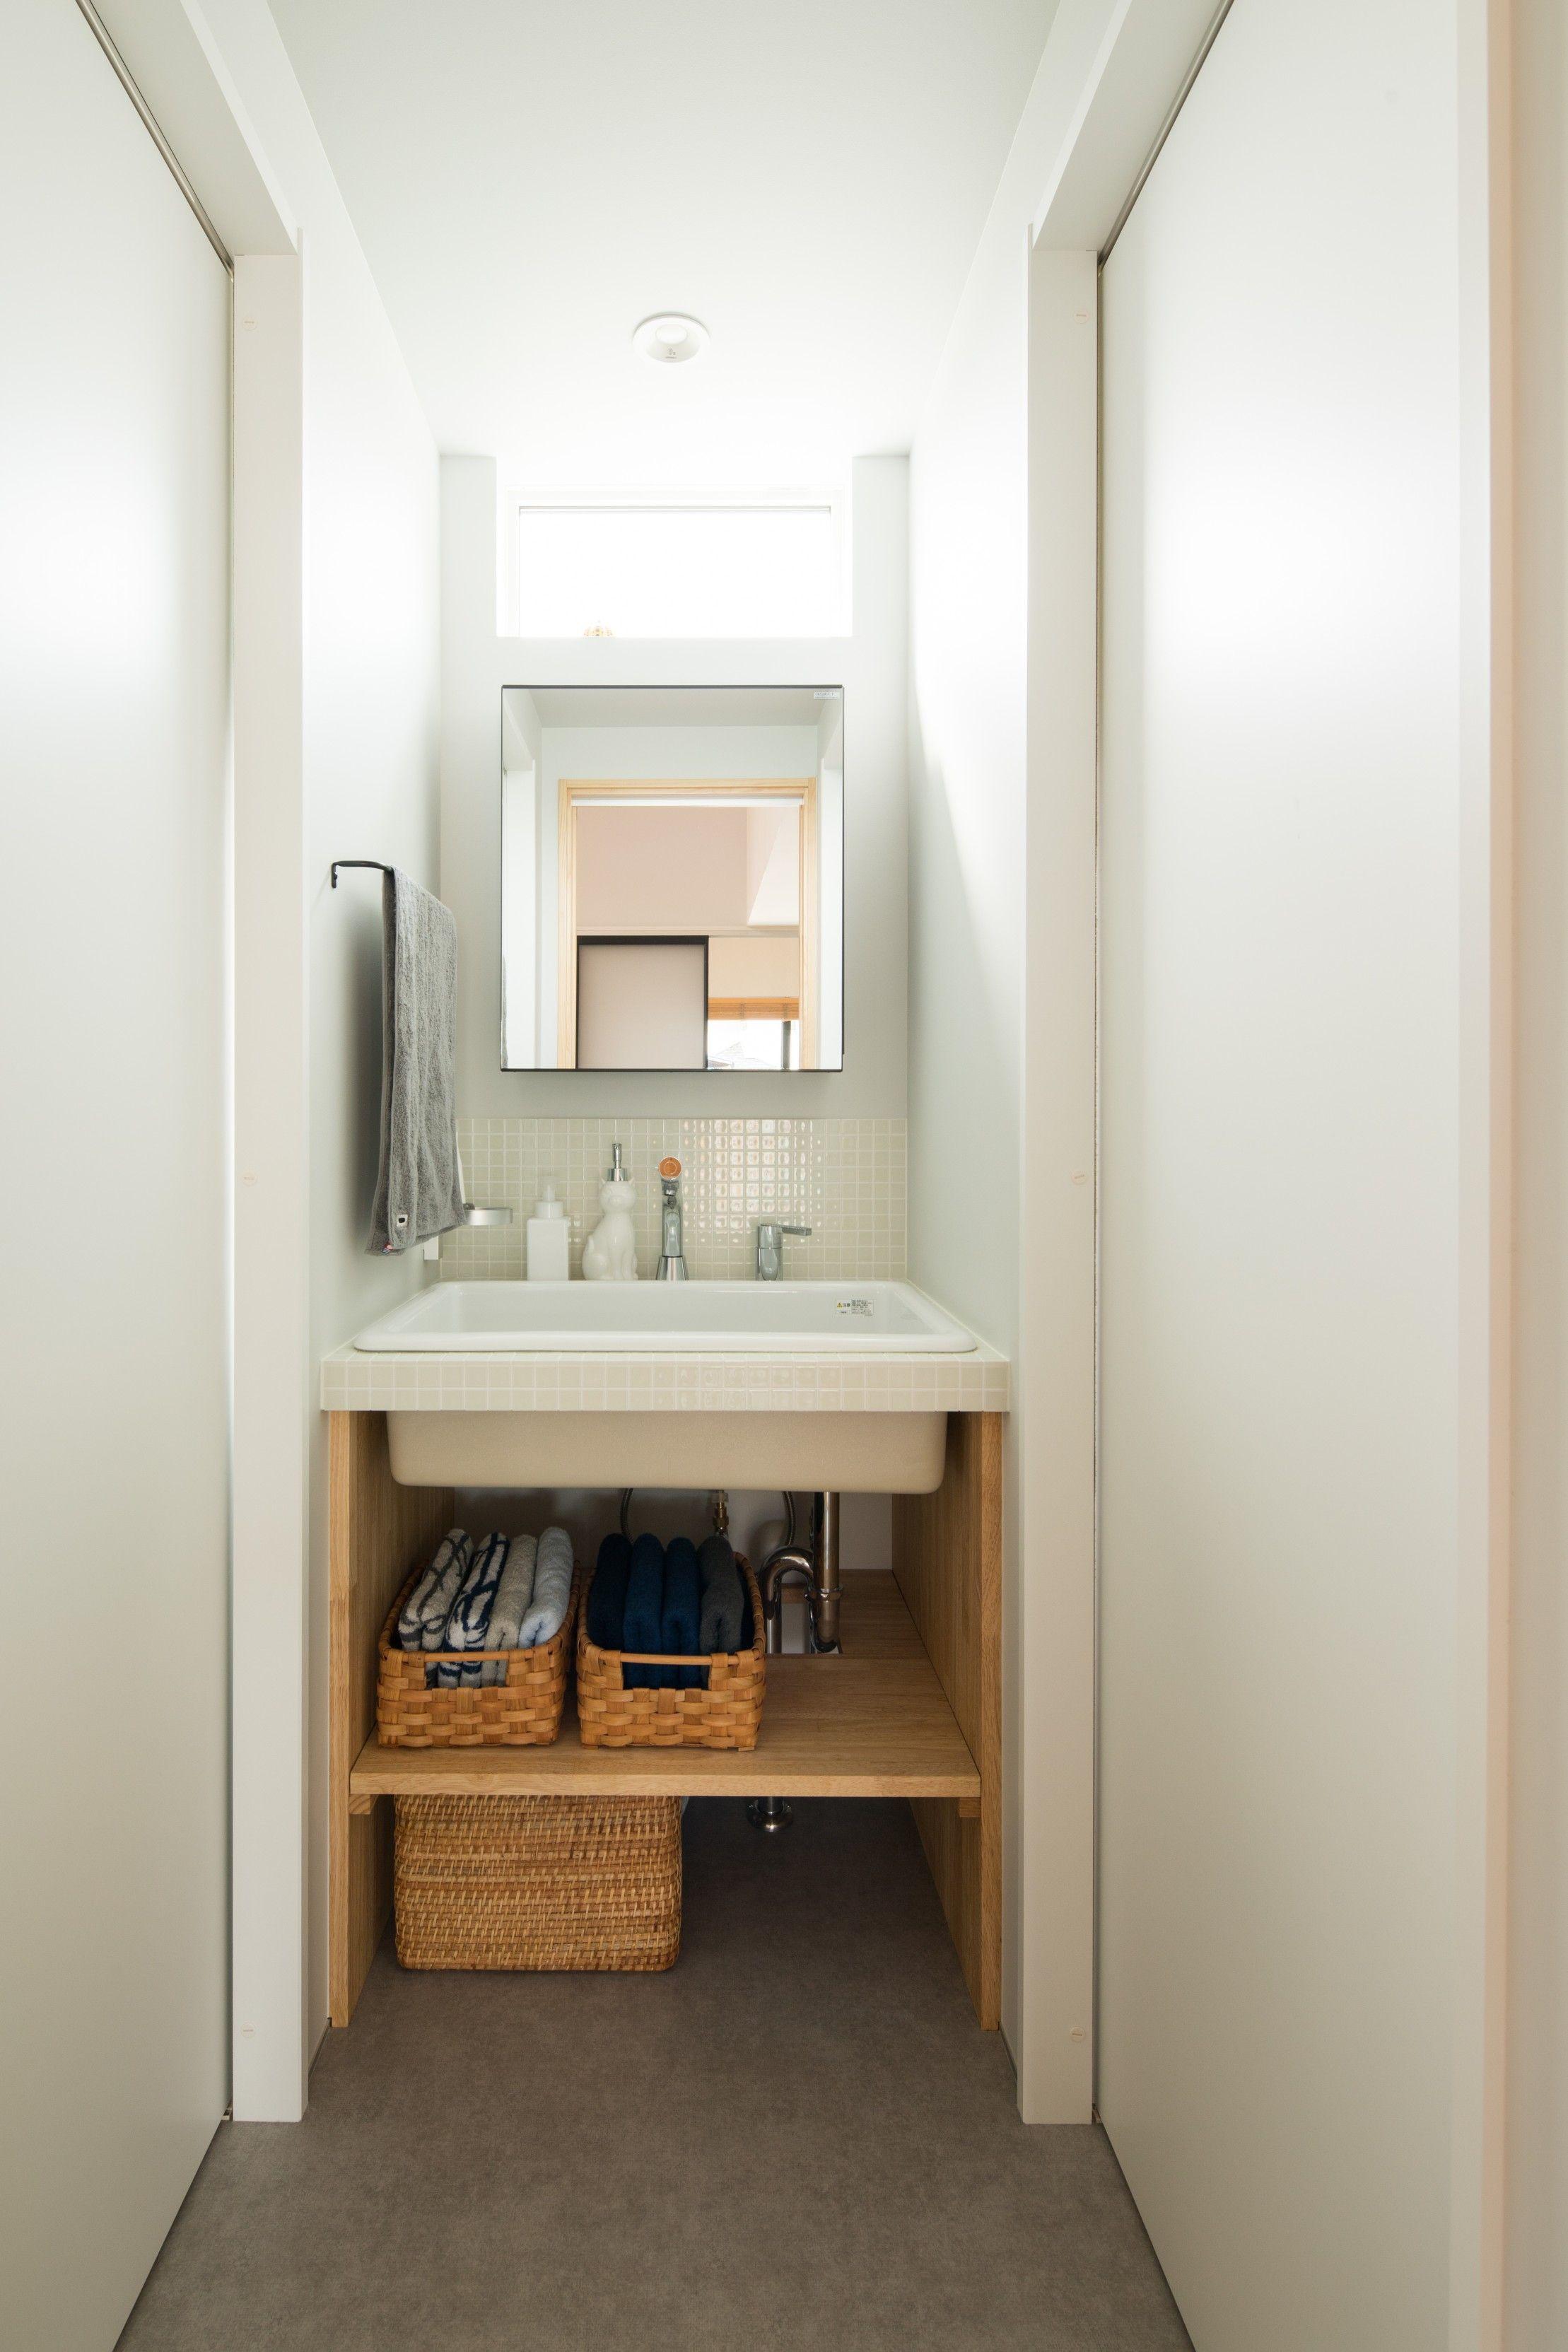 浴室とトイレの中間に独立させた 光がこぼれるシンプルな白タイルの